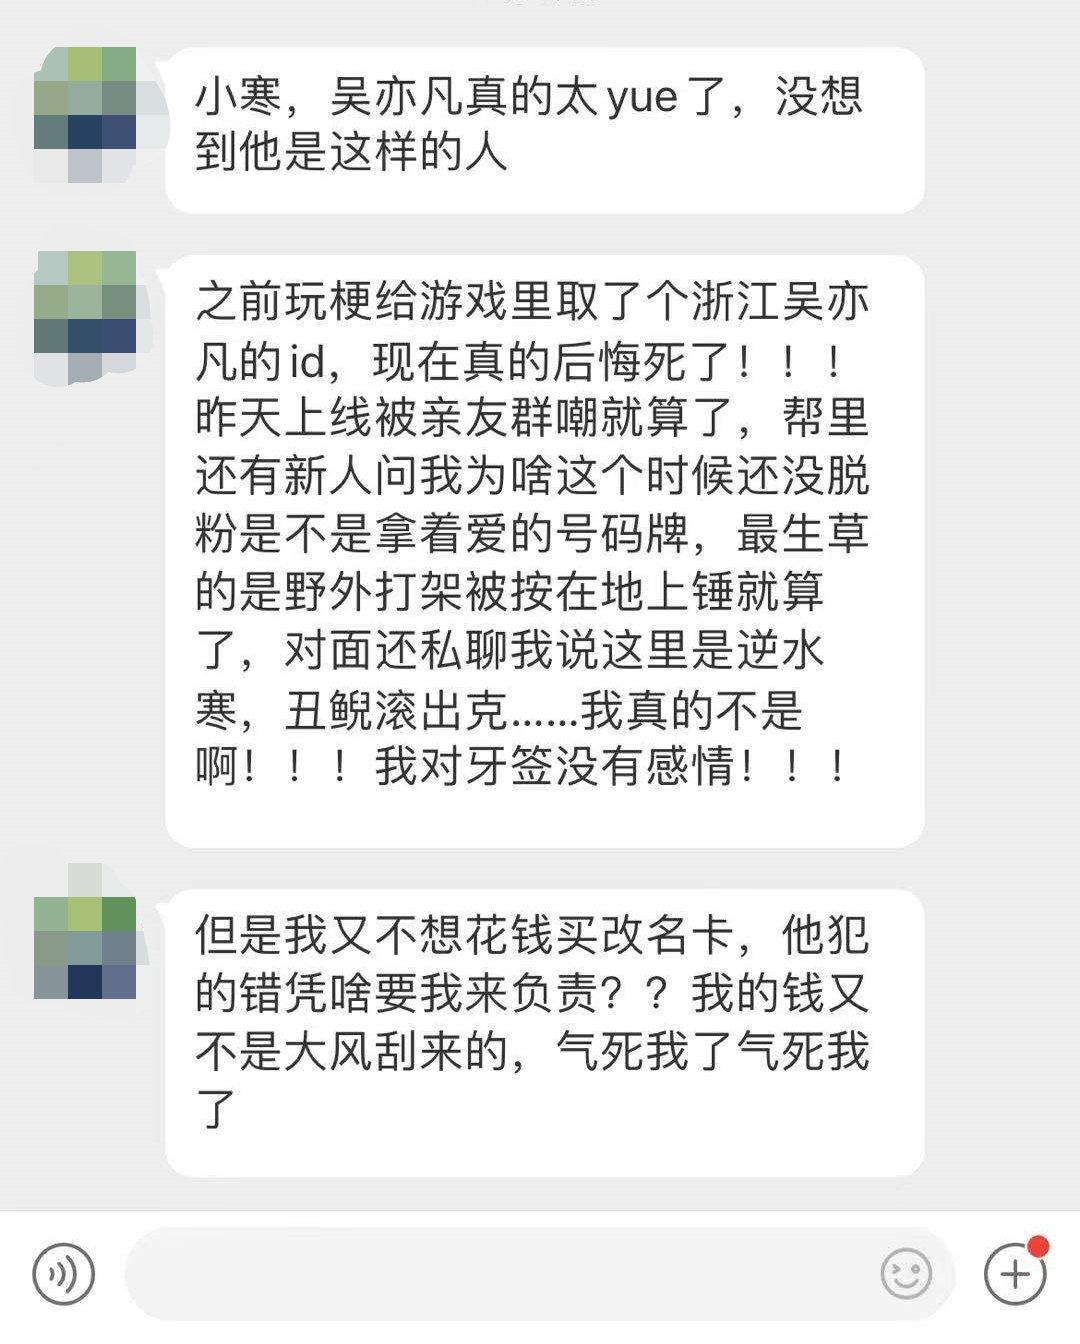 因玩家投诉 《逆水寒》官方为昵称含有'吴亦凡'的玩家免费改名